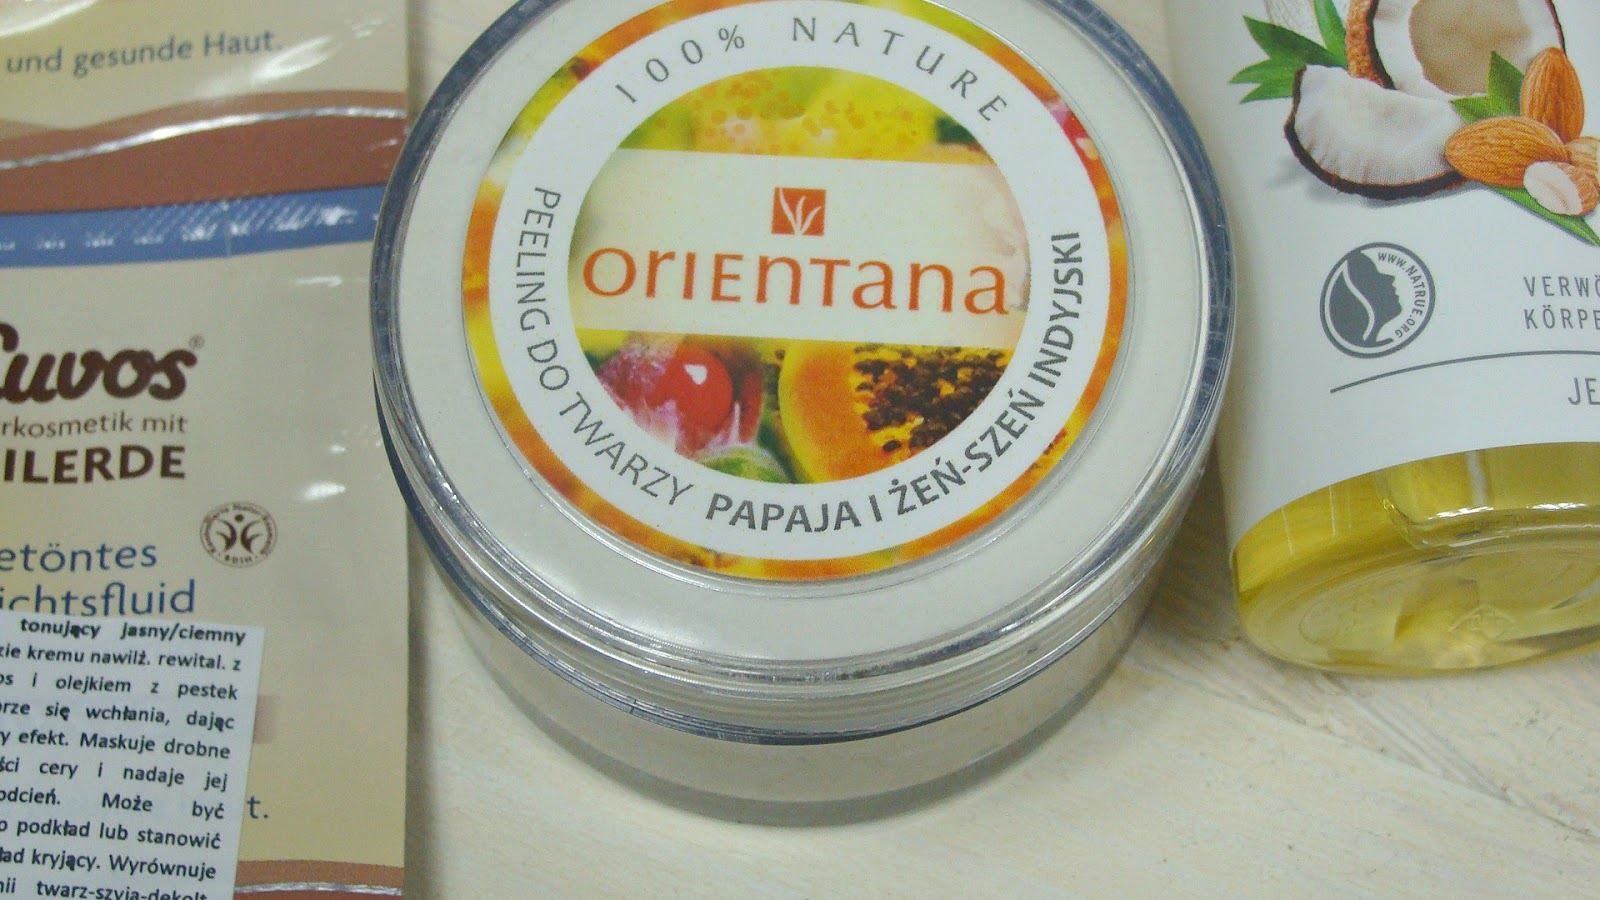 Naturbox   nowe pudełko subskrypcyjne  z kosmetykami naturalnymi